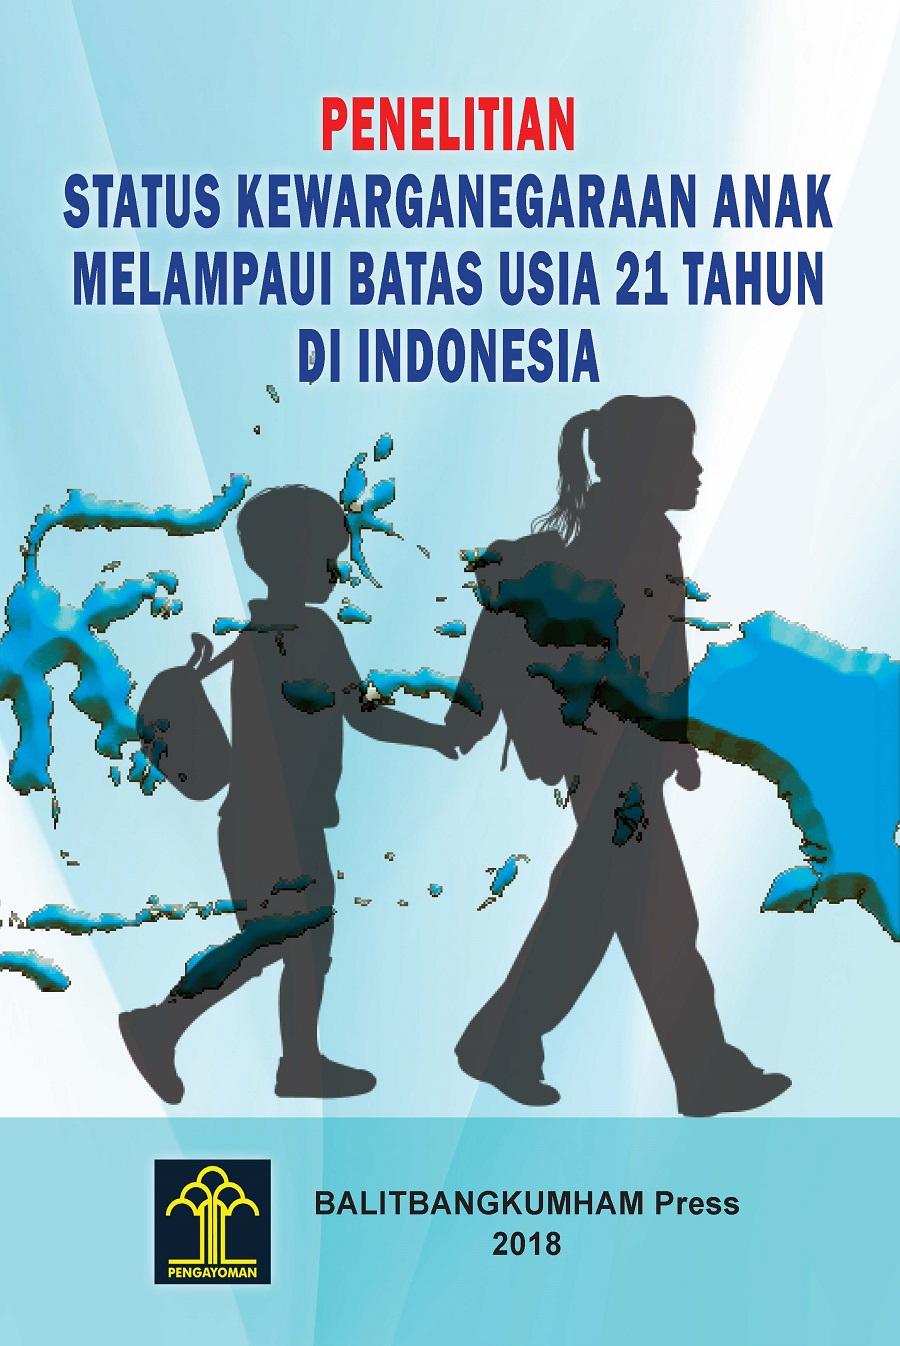 Penelitian Status Kewarganegaraan Anak Melampaui Batas Usia 21 Tahun di Indonesia